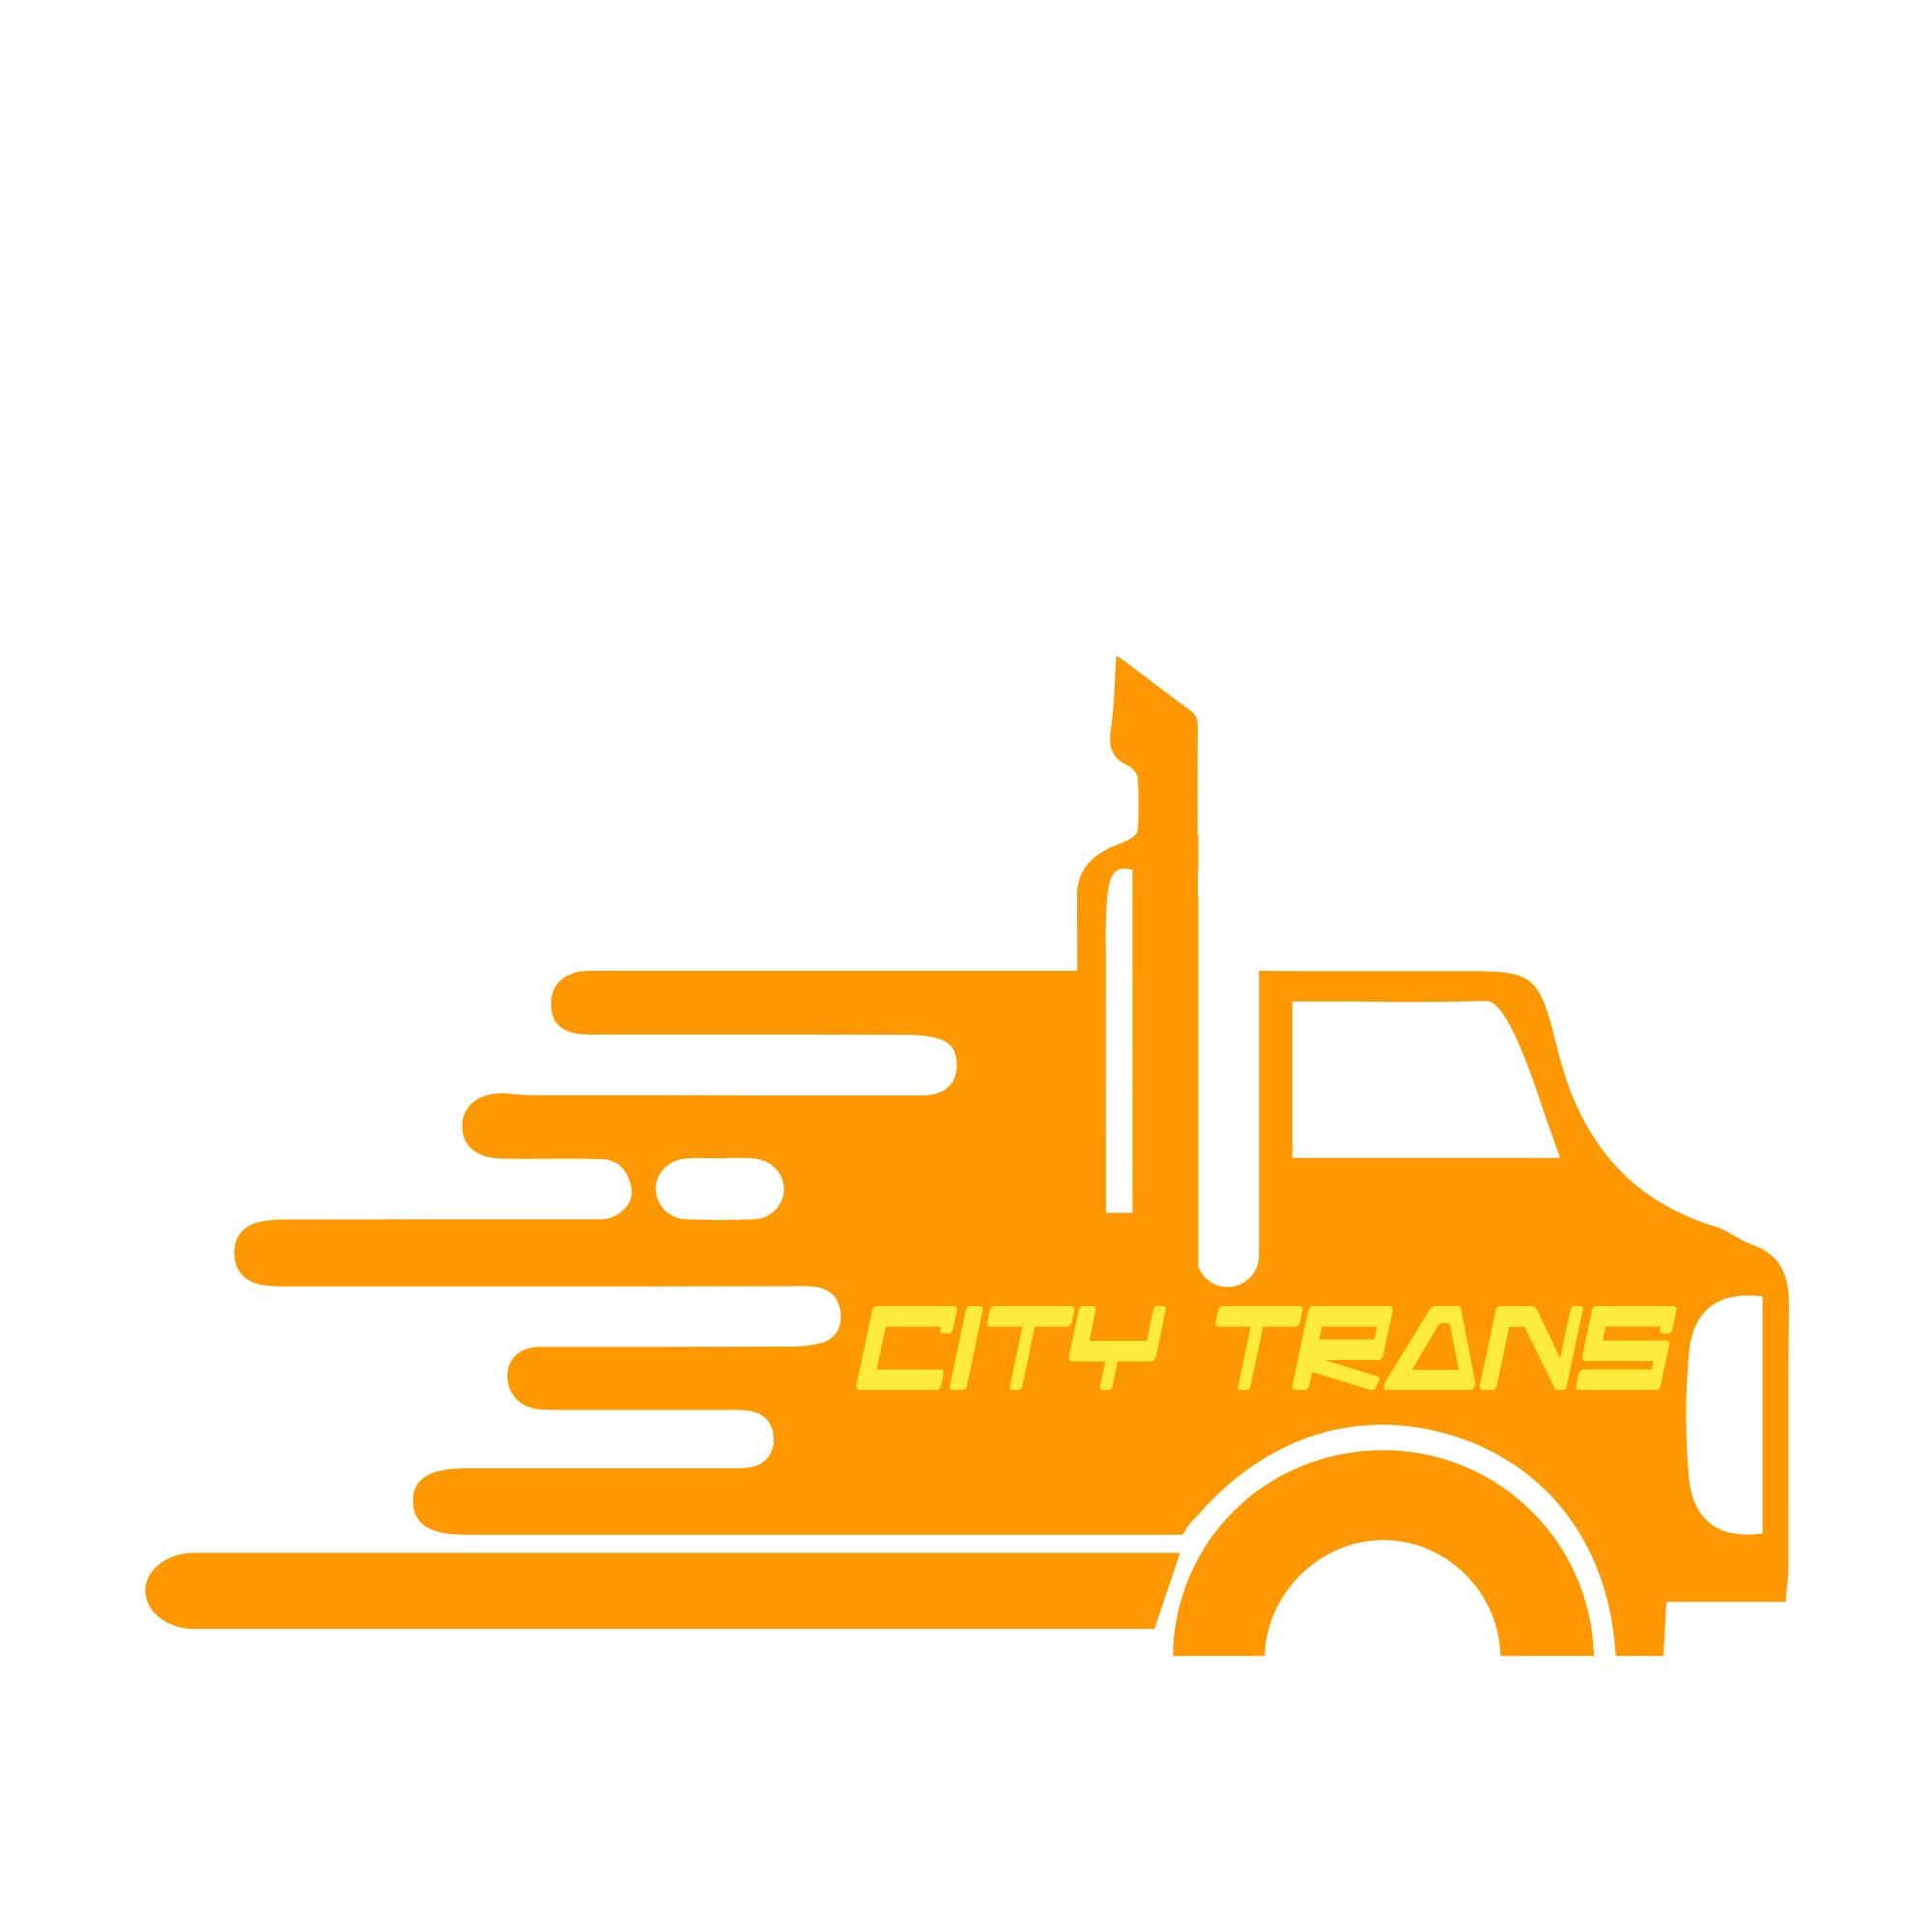 Разработка Логотипа транспортной компании фото f_4485e6ceadf4d1b1.jpg